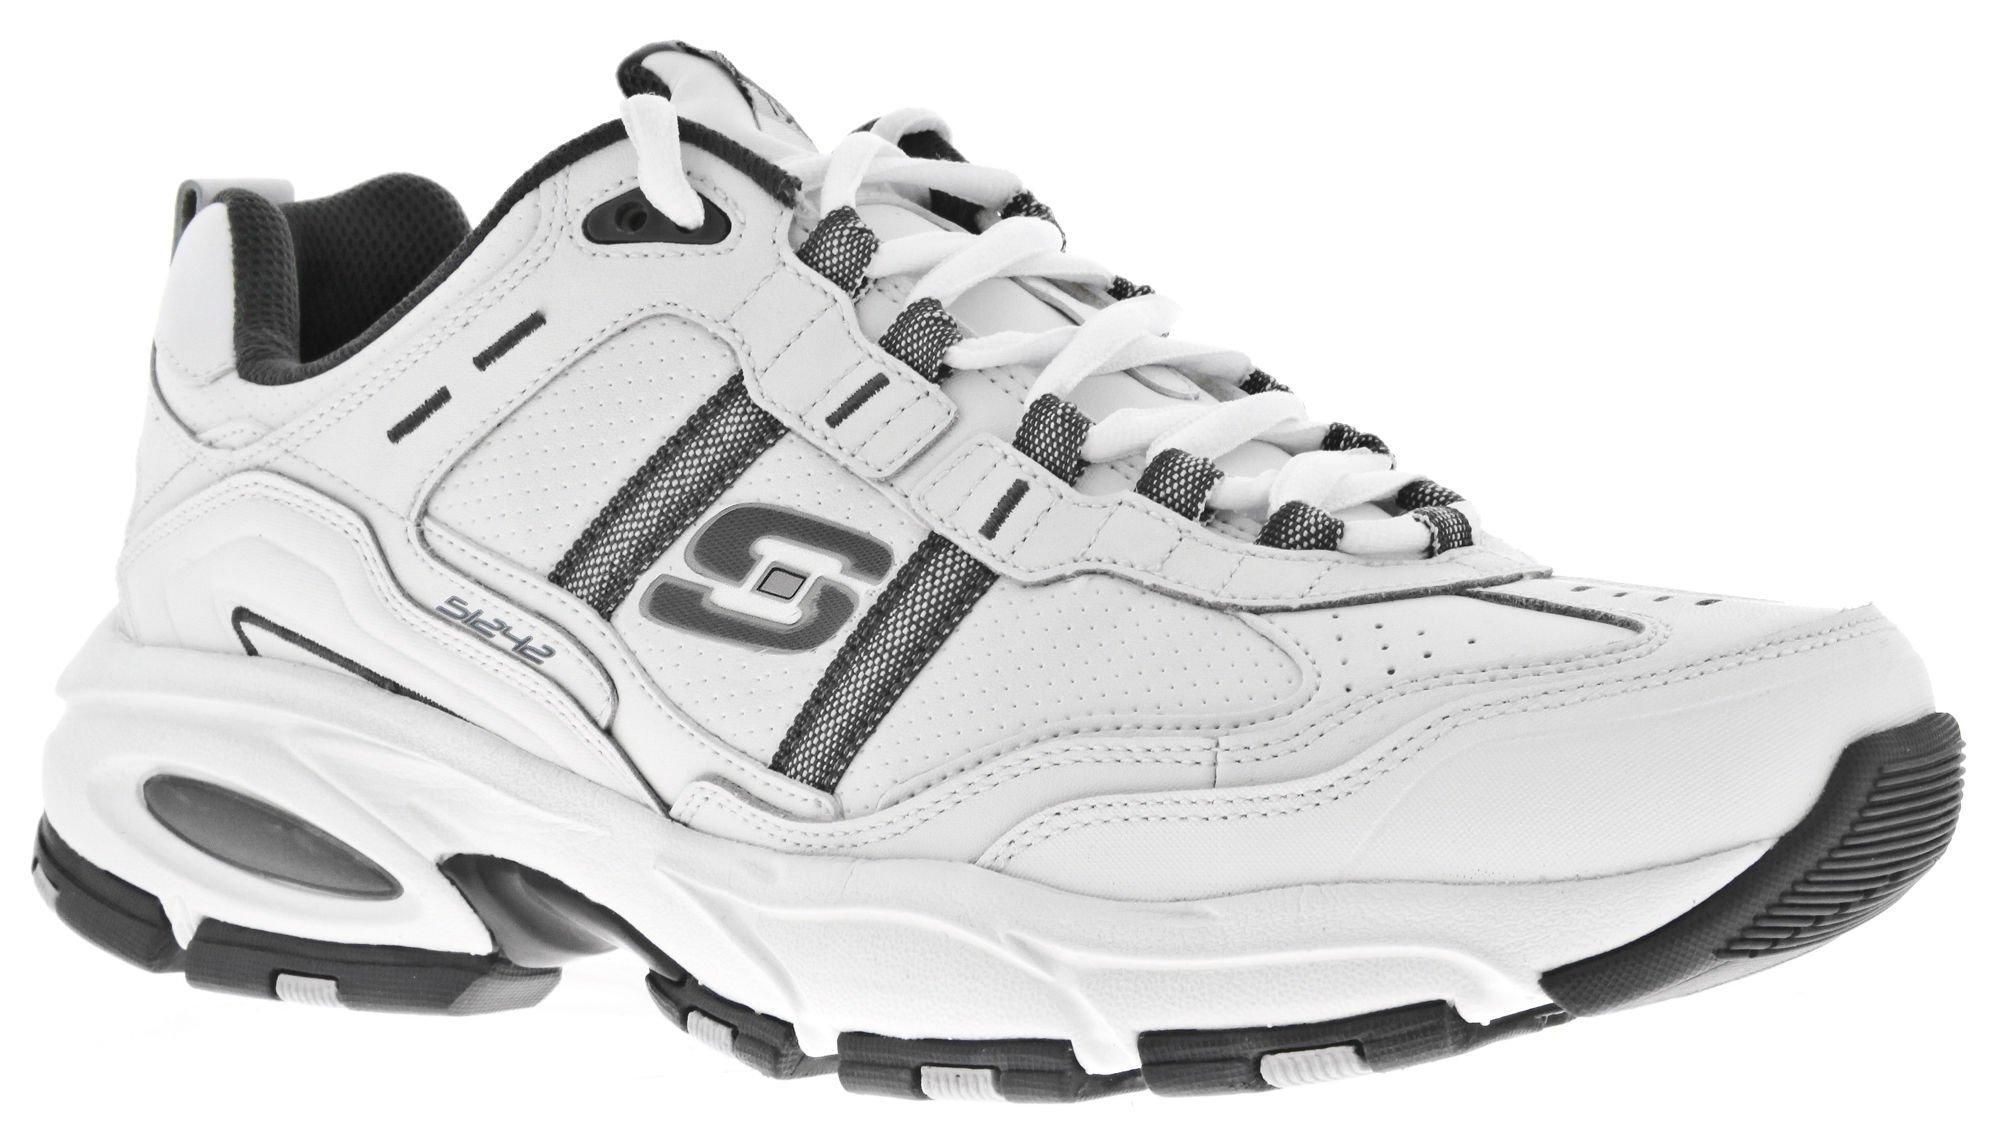 skechers men's athletic shoes